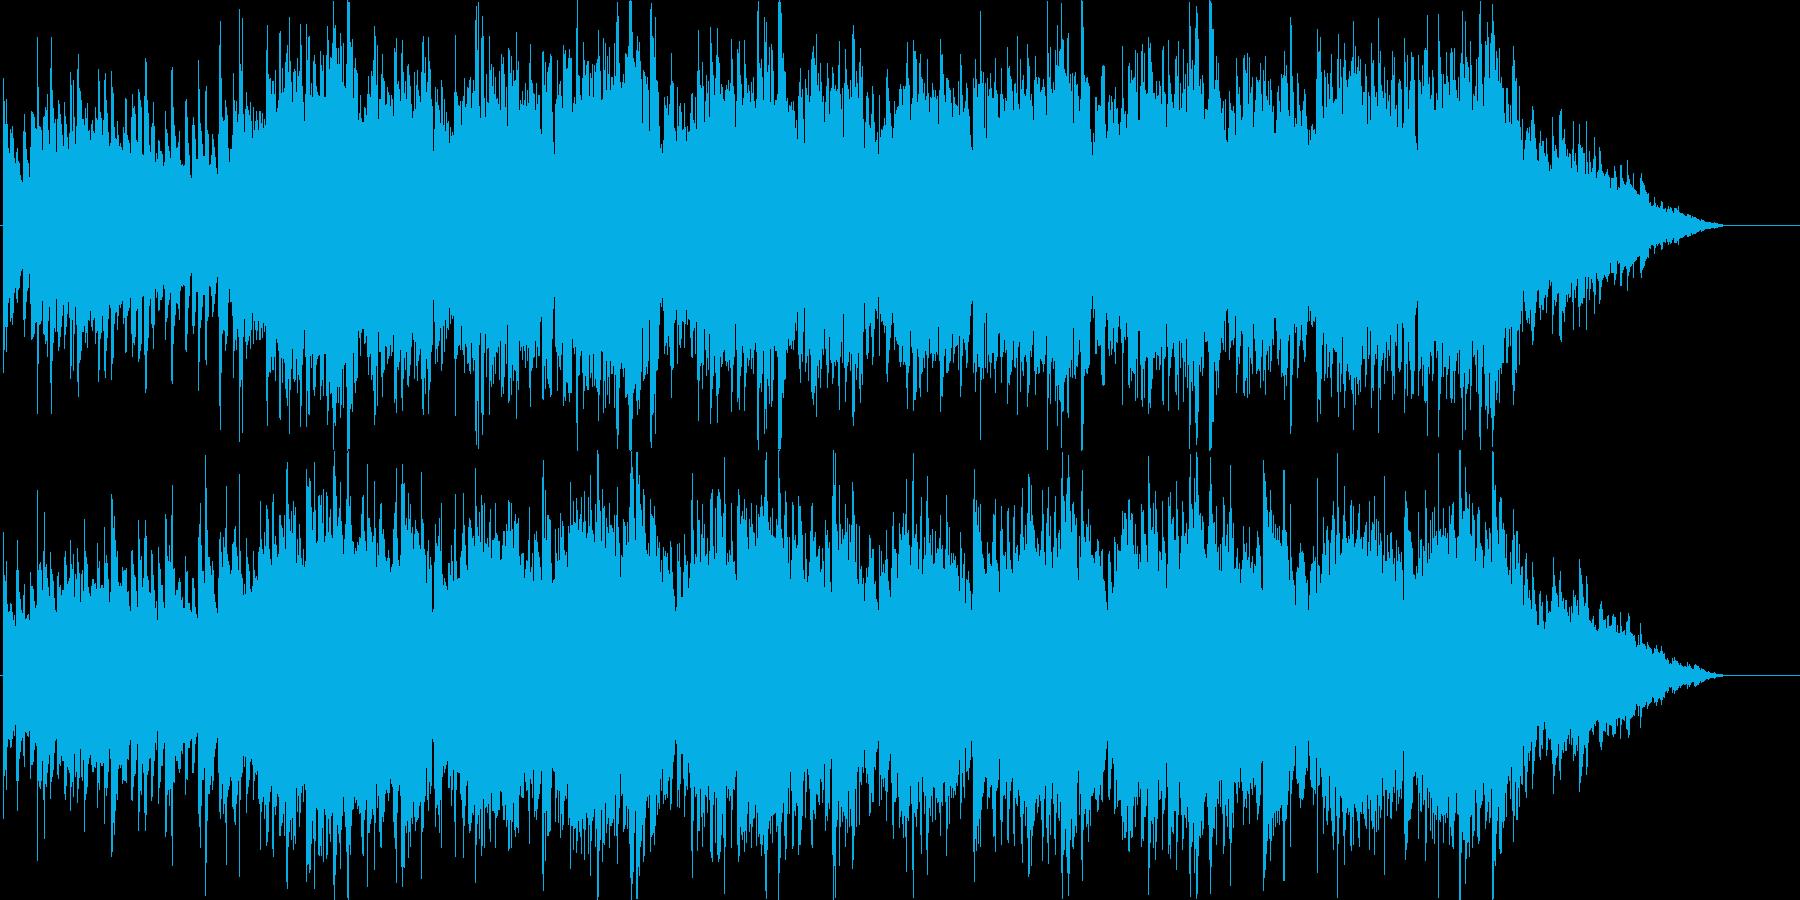 ゲーム用素材/タイトルの再生済みの波形